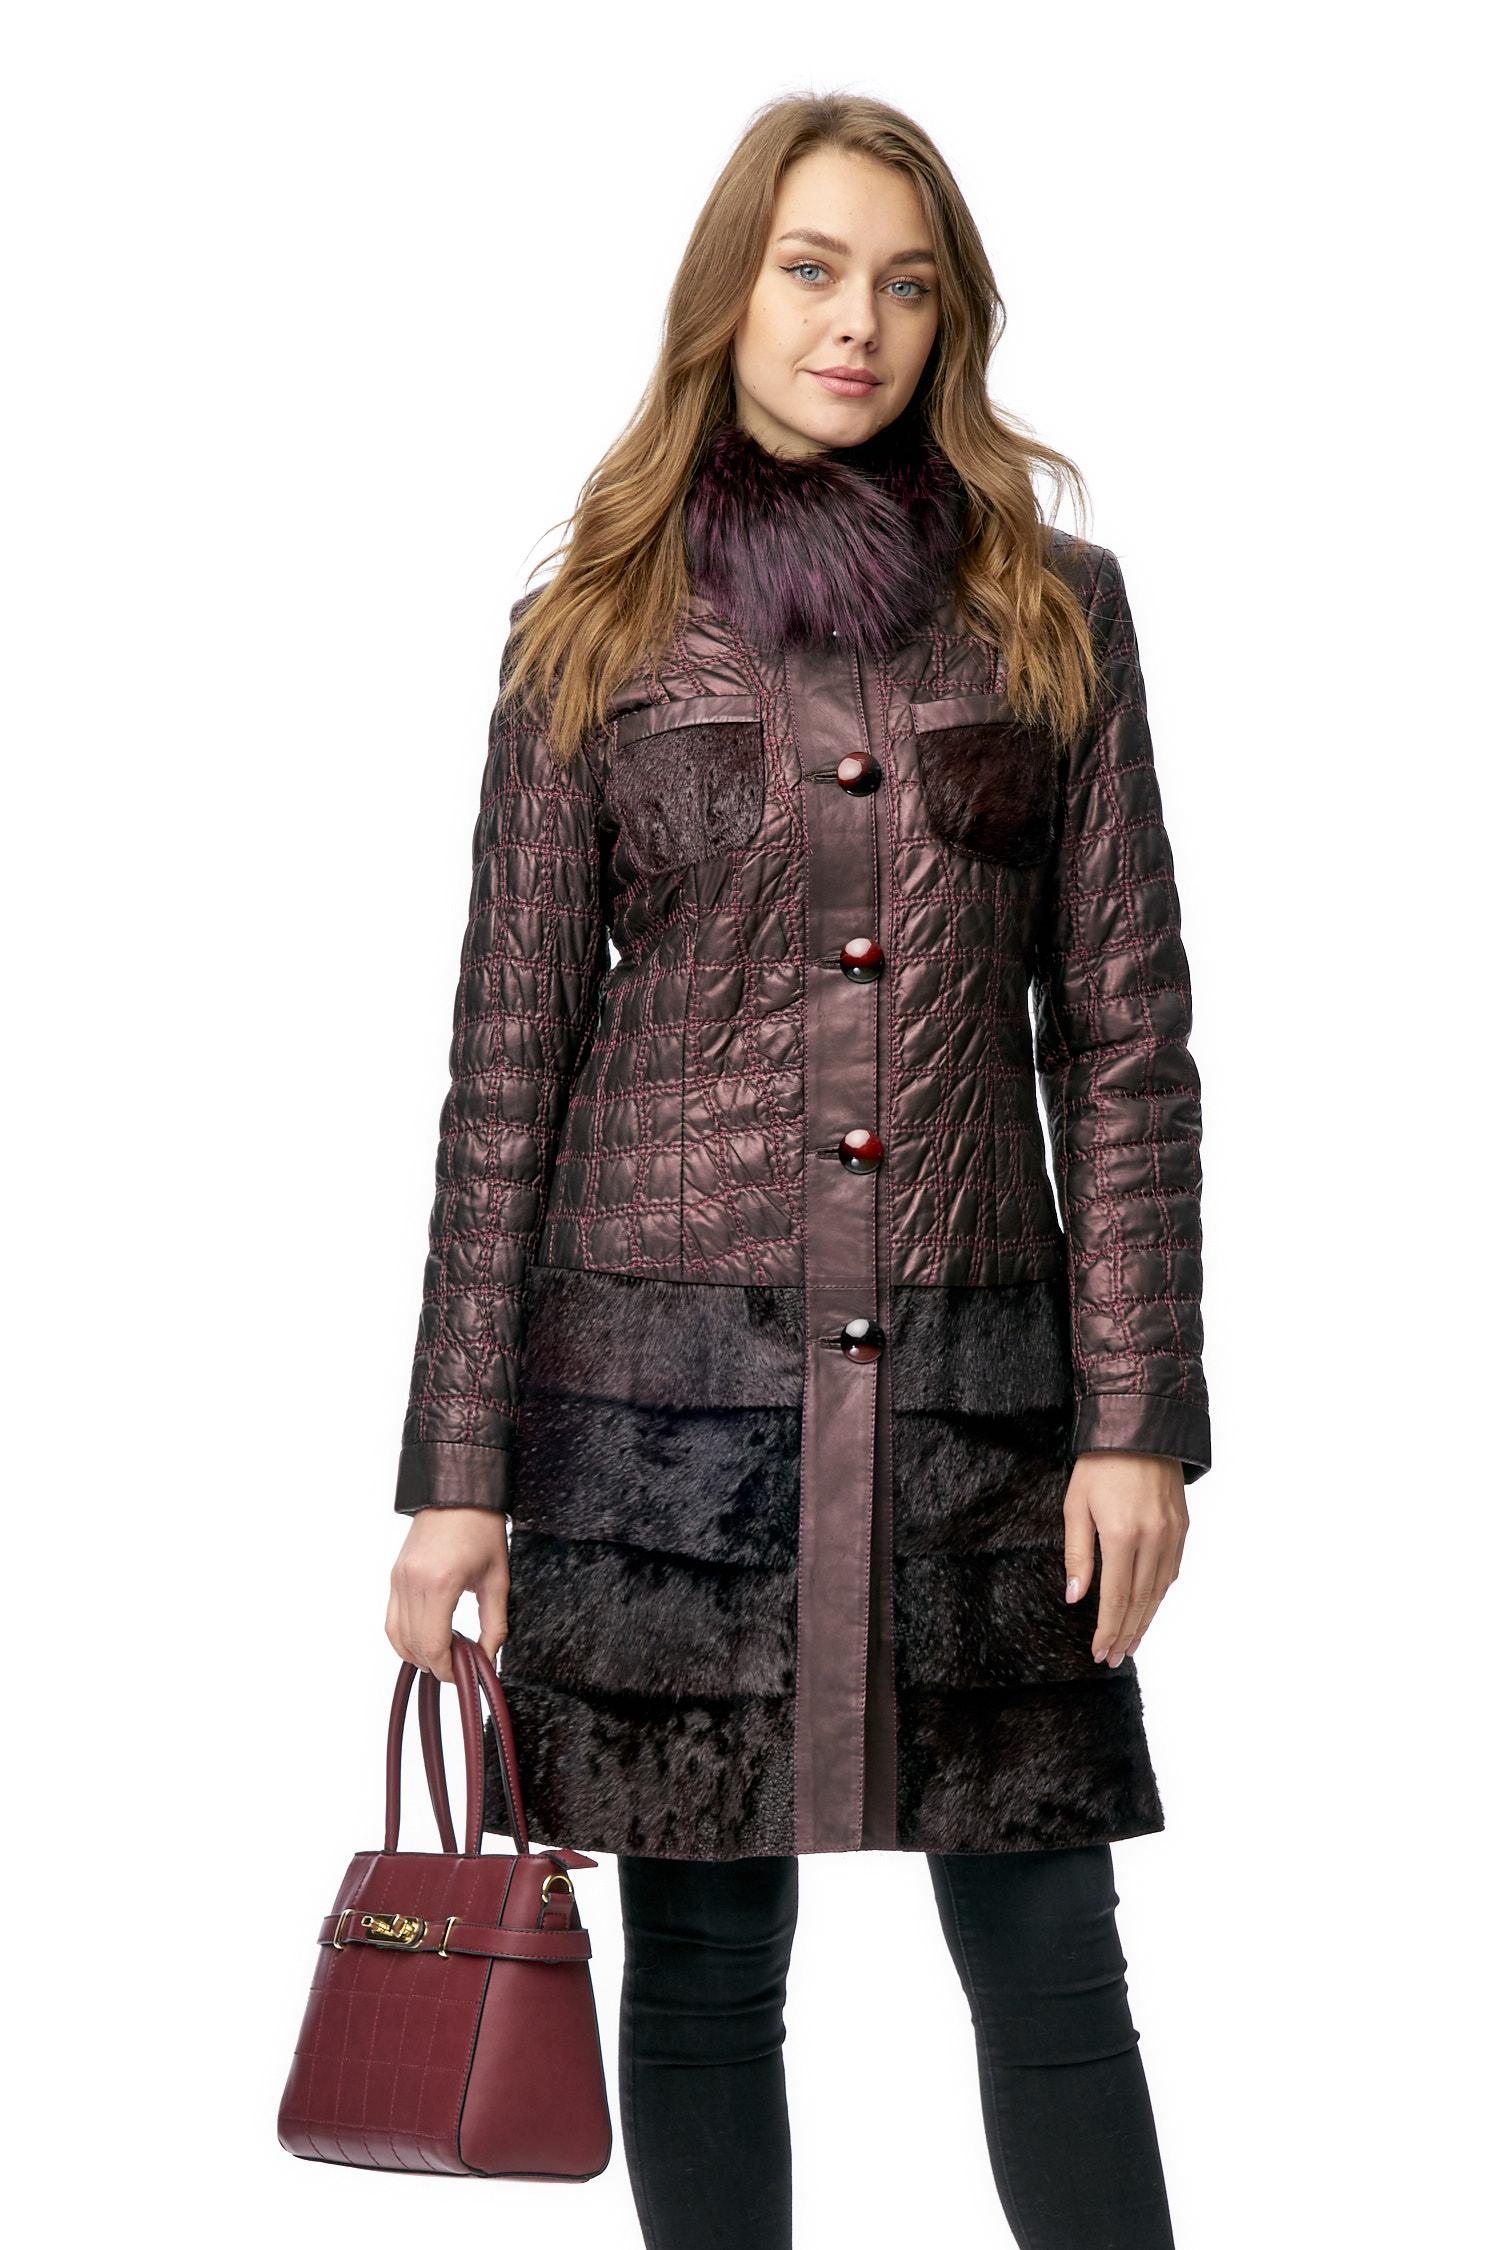 Женская кожаная куртка из натуральной кожи с воротником, отделка пони